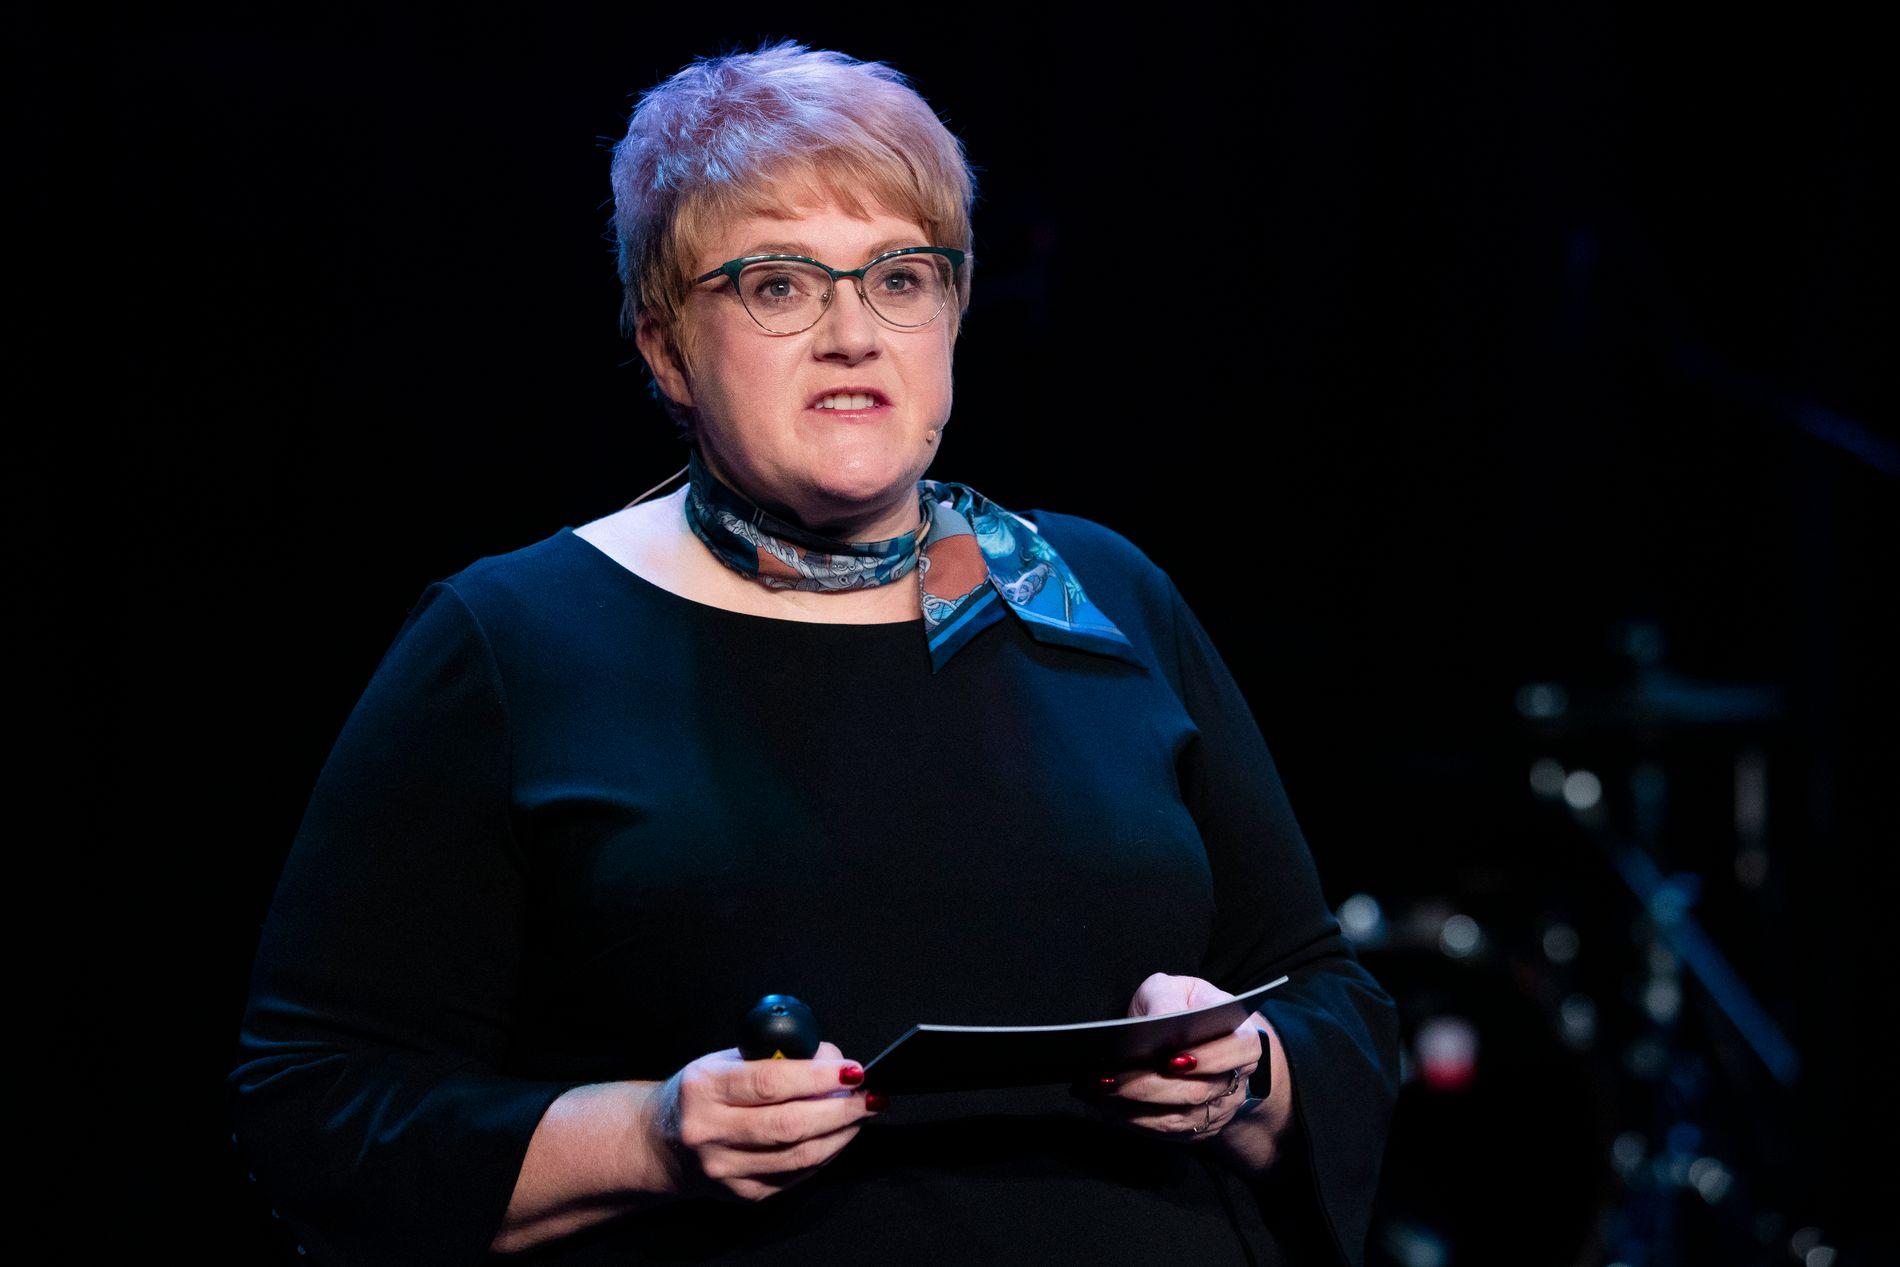 KULTURMINISTEREN: Kulturministeren leker med tall når hun prøver å forsvare forfordelingen til museums-Norge utenfor Oslo, mener Petter Snare.